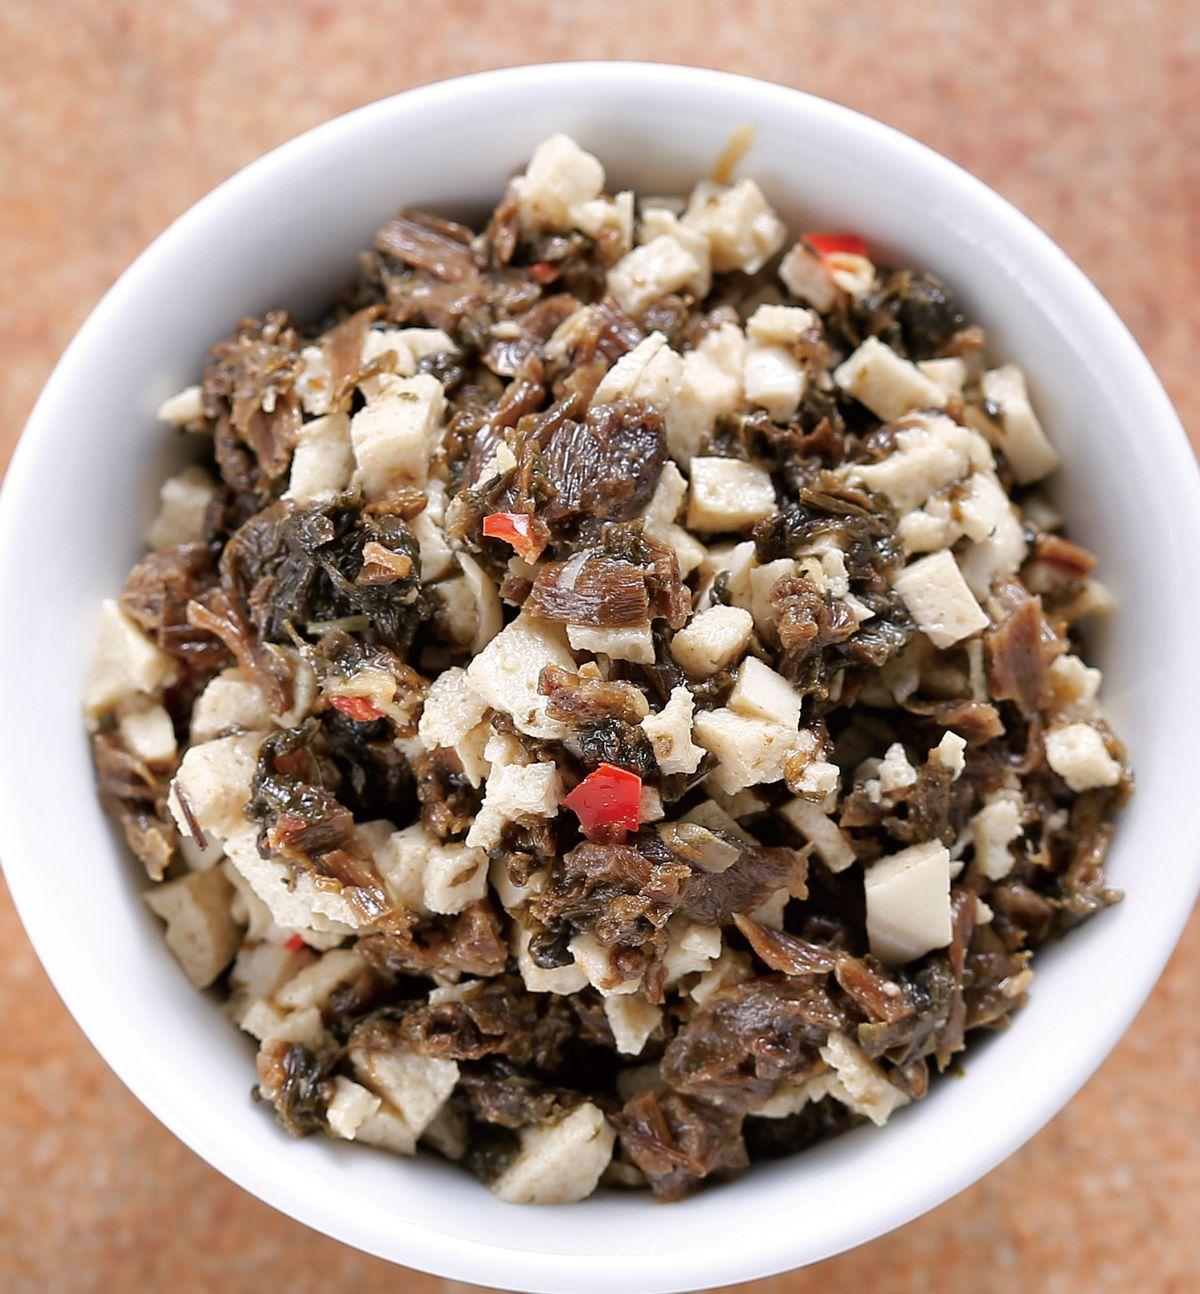 食譜:梅干百頁豆腐